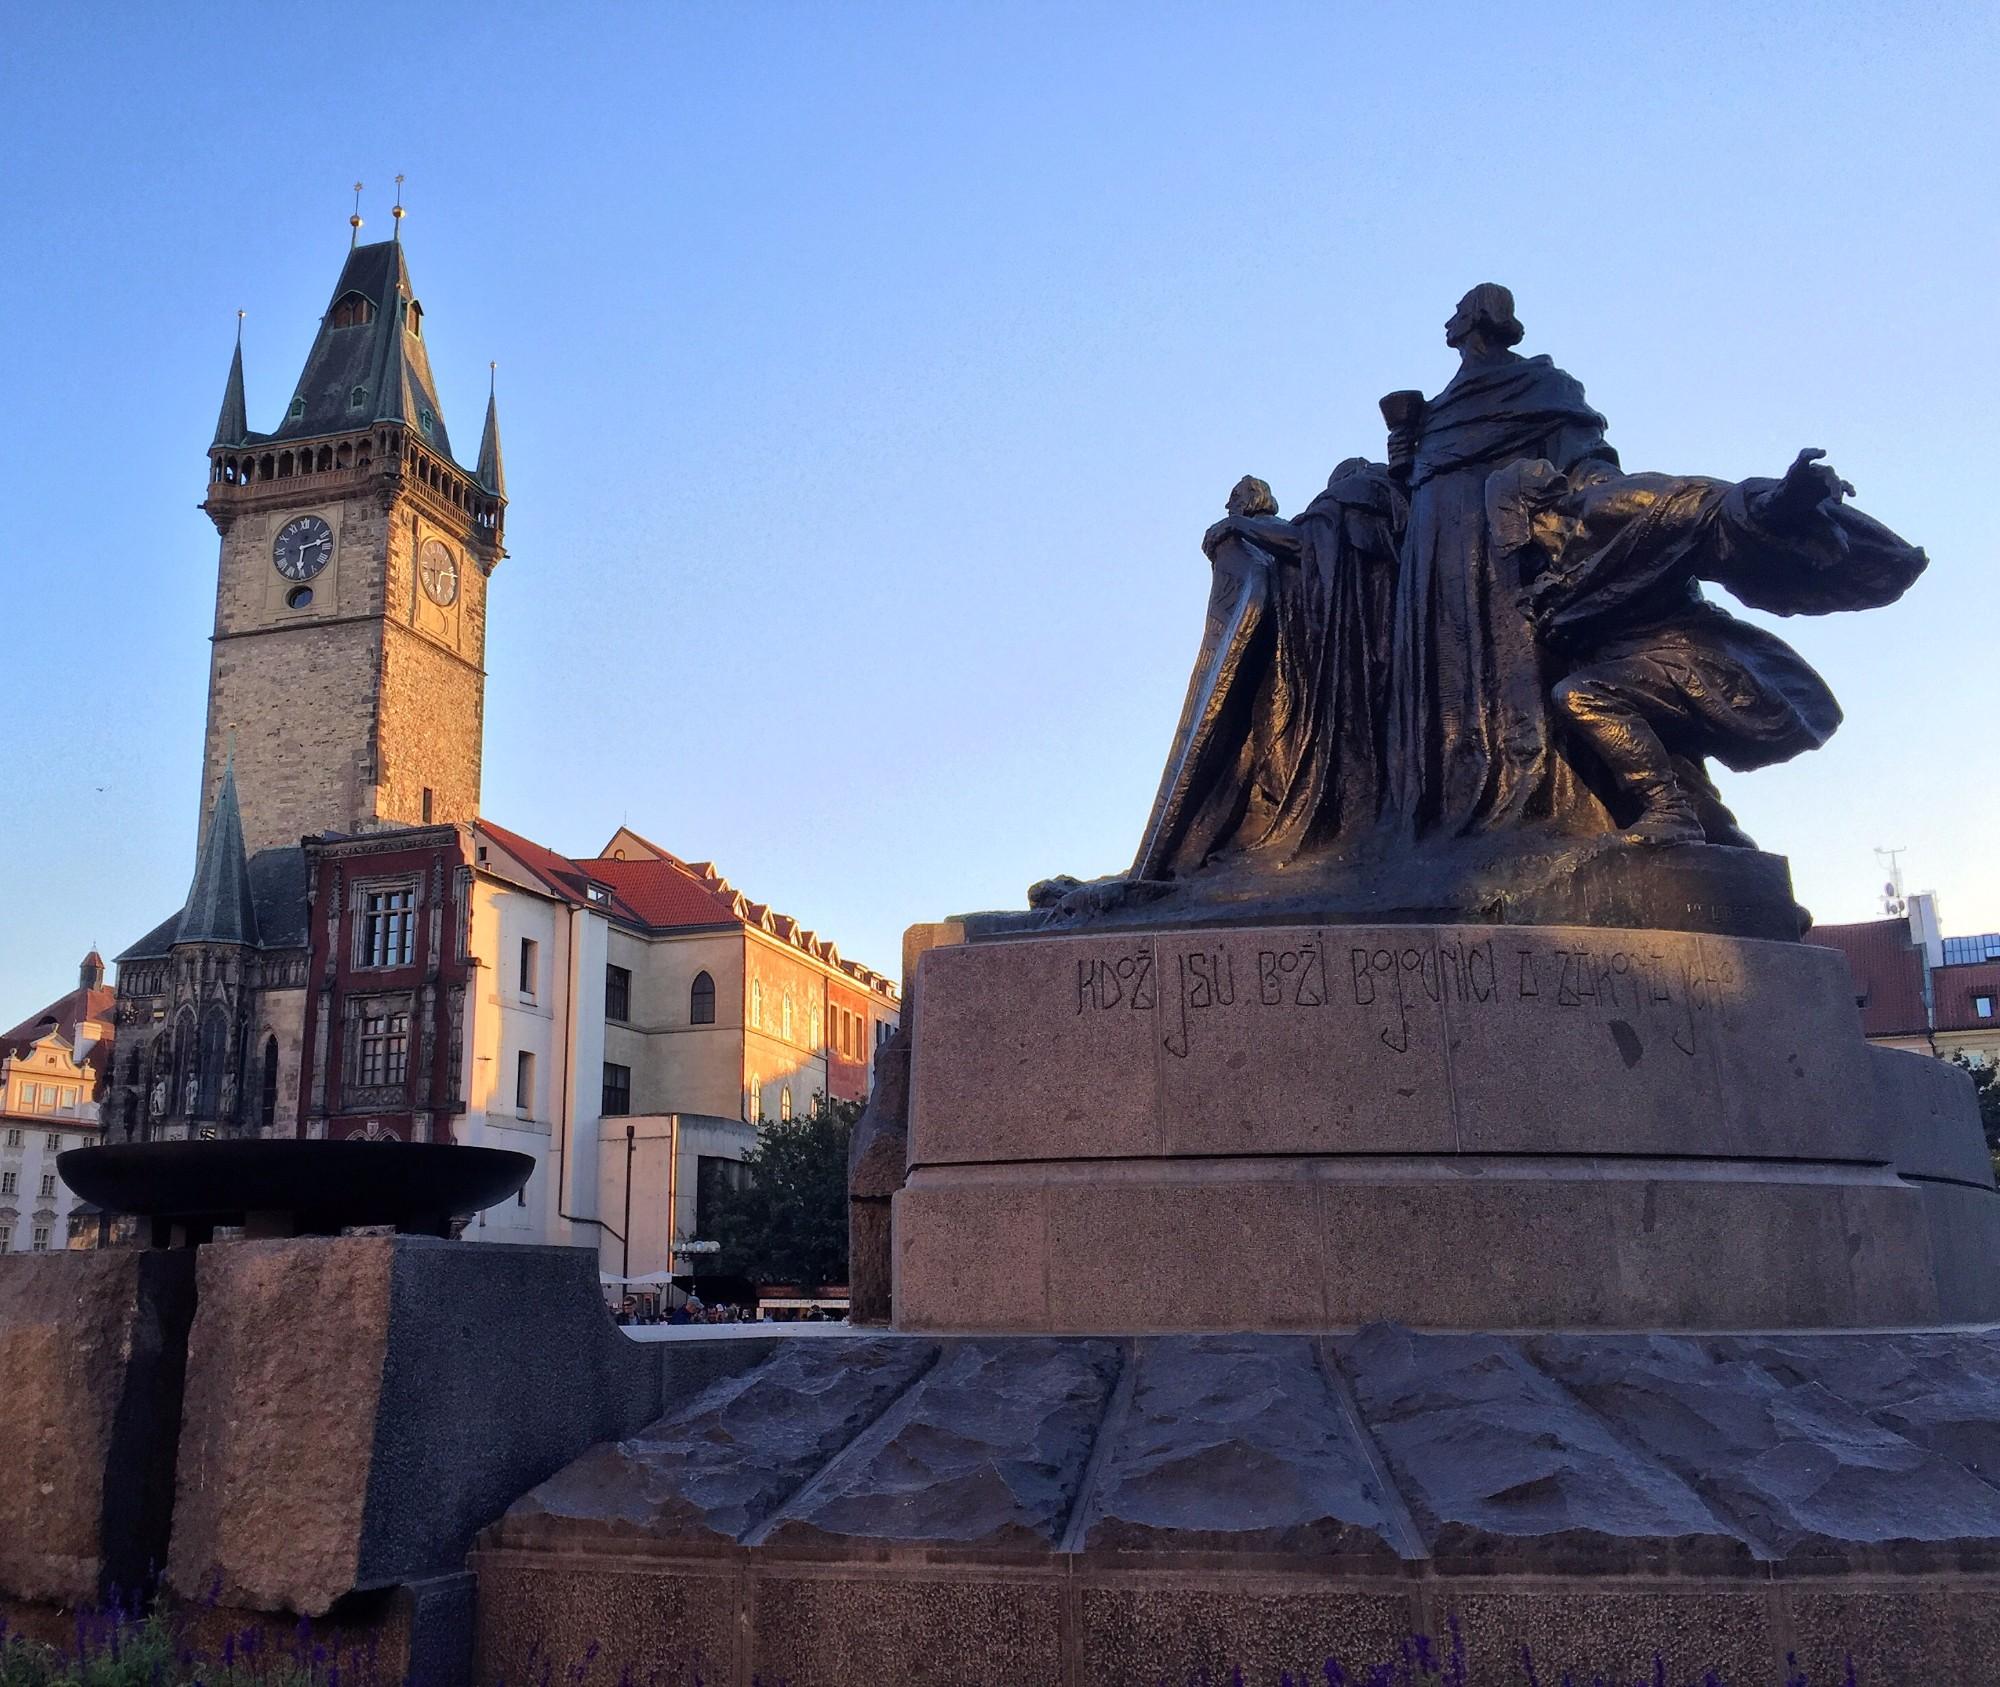 Памятник Яну Гусу на фоне Староместской ратуши.